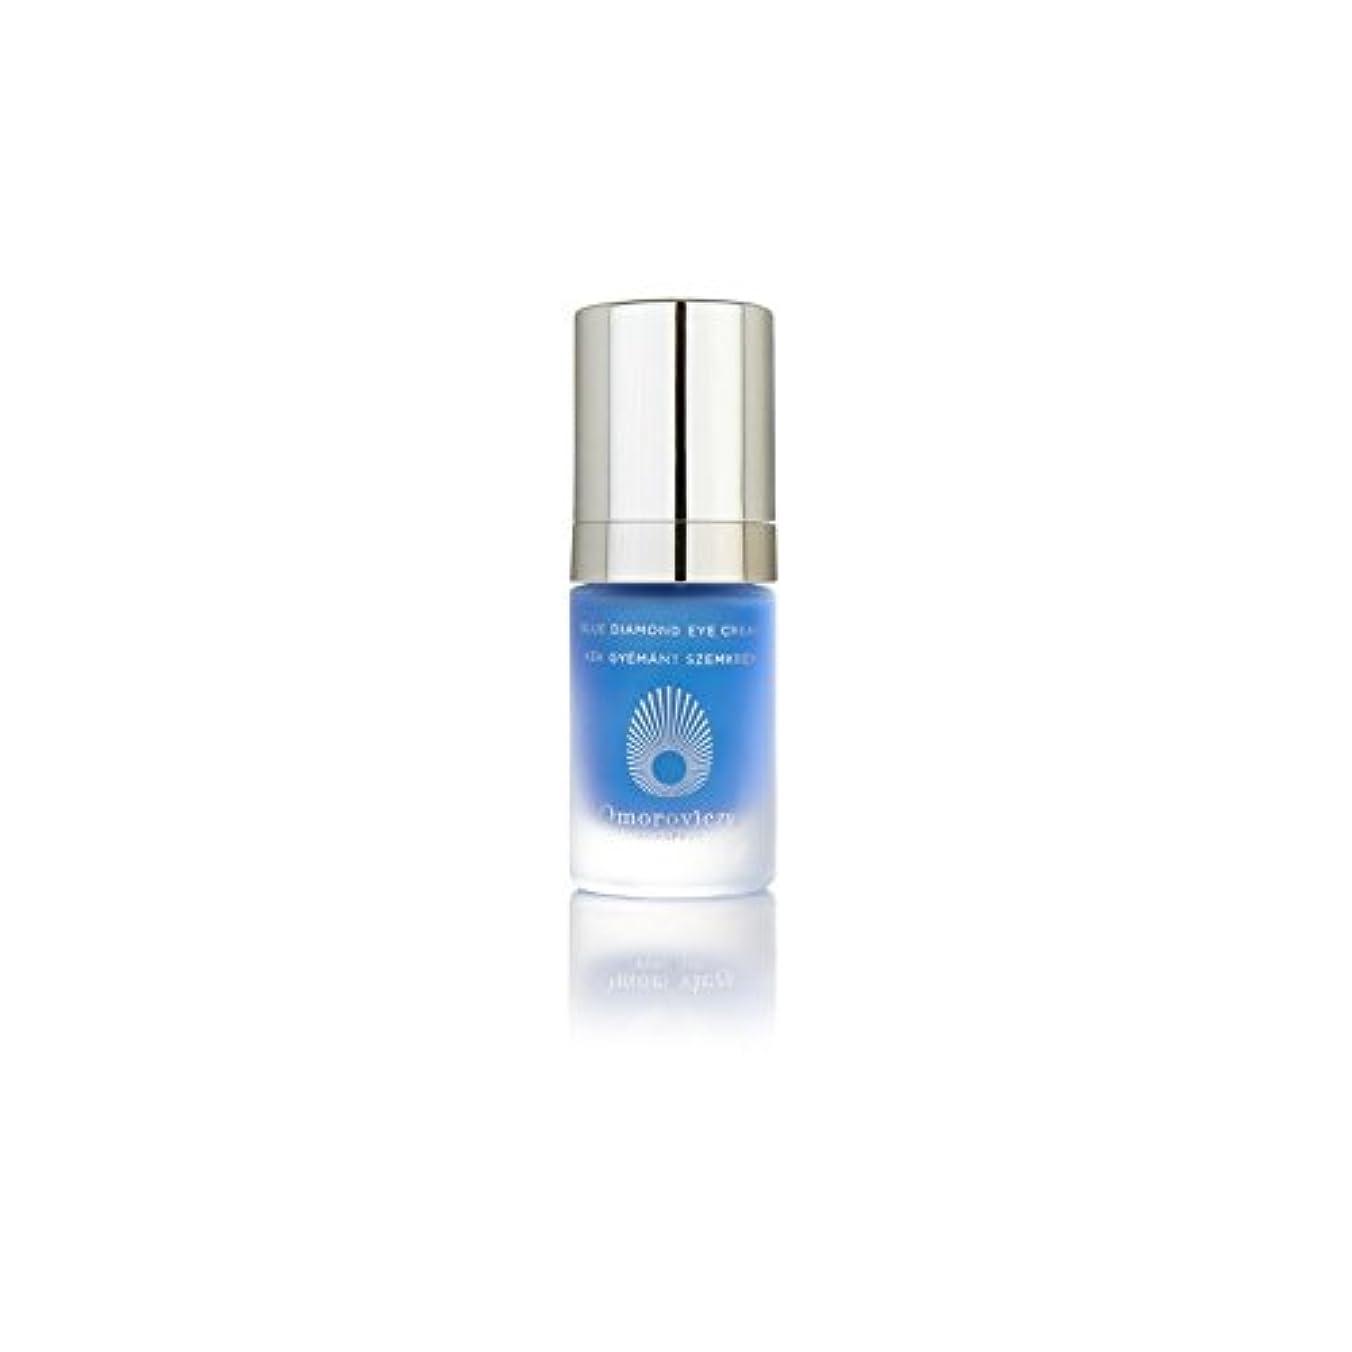 うっかりつまらない殺人者Omorovicza Blue Diamond Eye Cream (15ml) (Pack of 6) - ブルーダイヤモンドアイクリーム(15ミリリットル) x6 [並行輸入品]